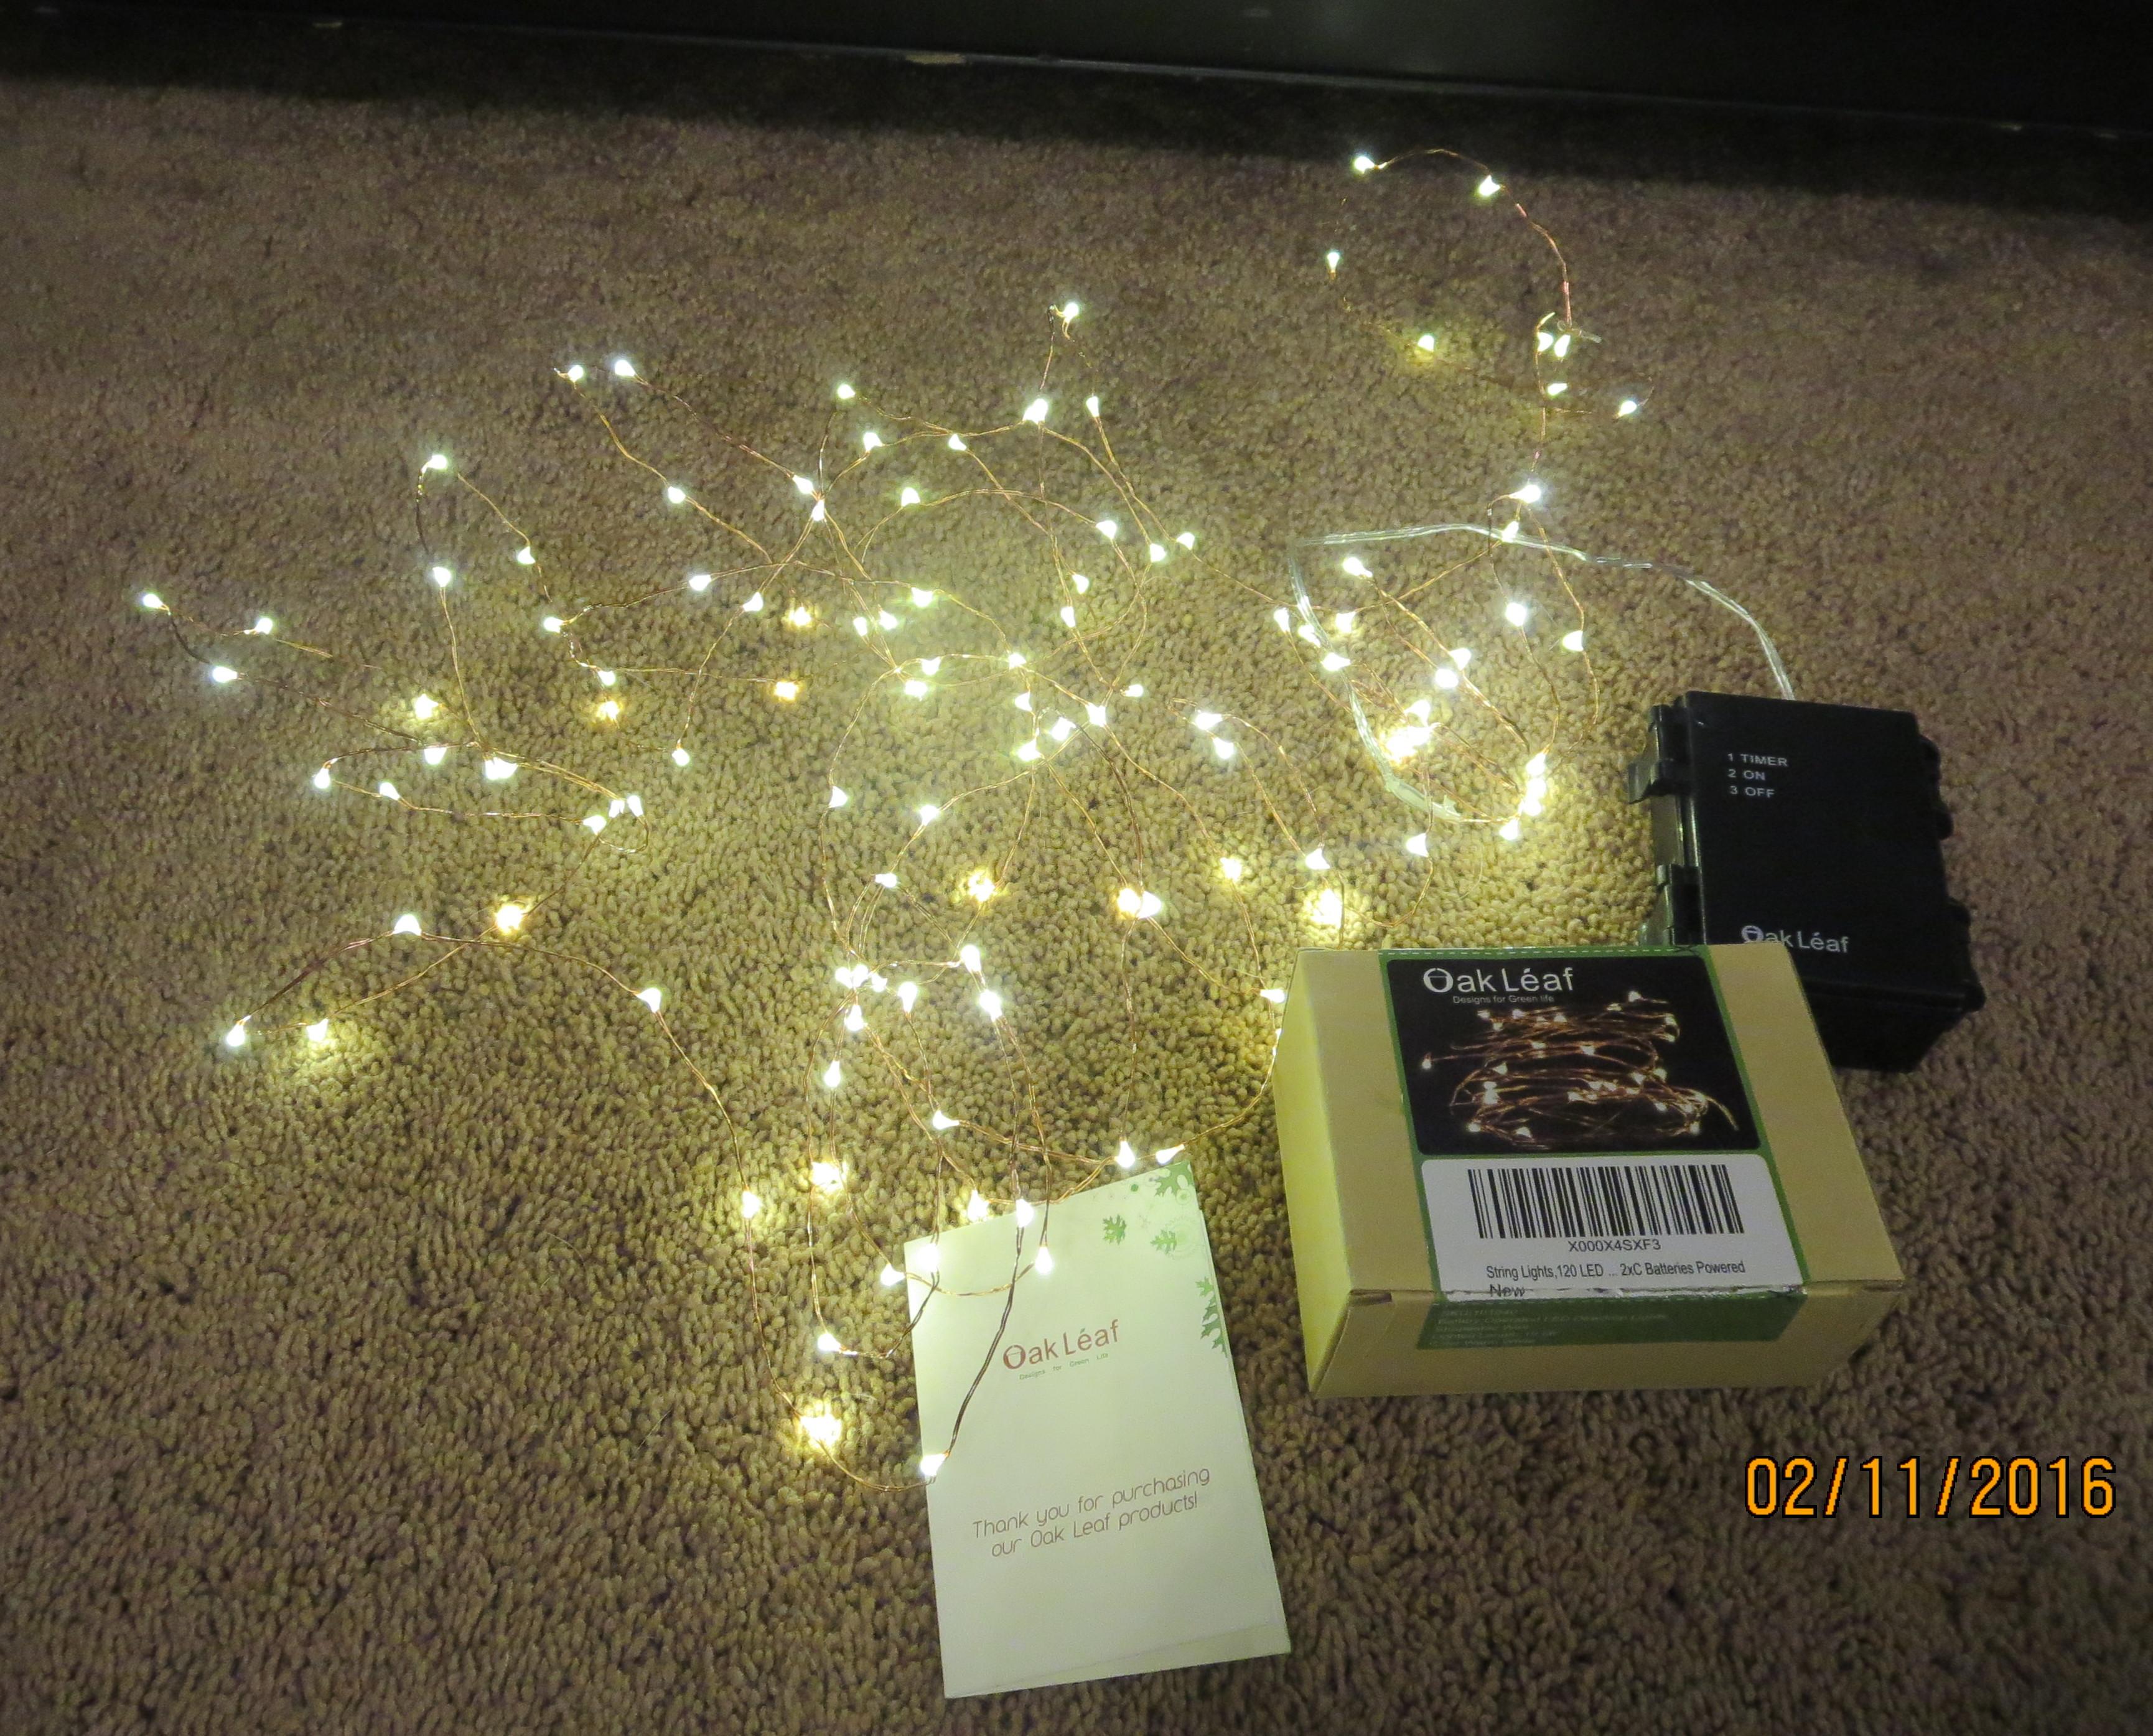 Oak Leaf 120 LED Starry String Lights Review